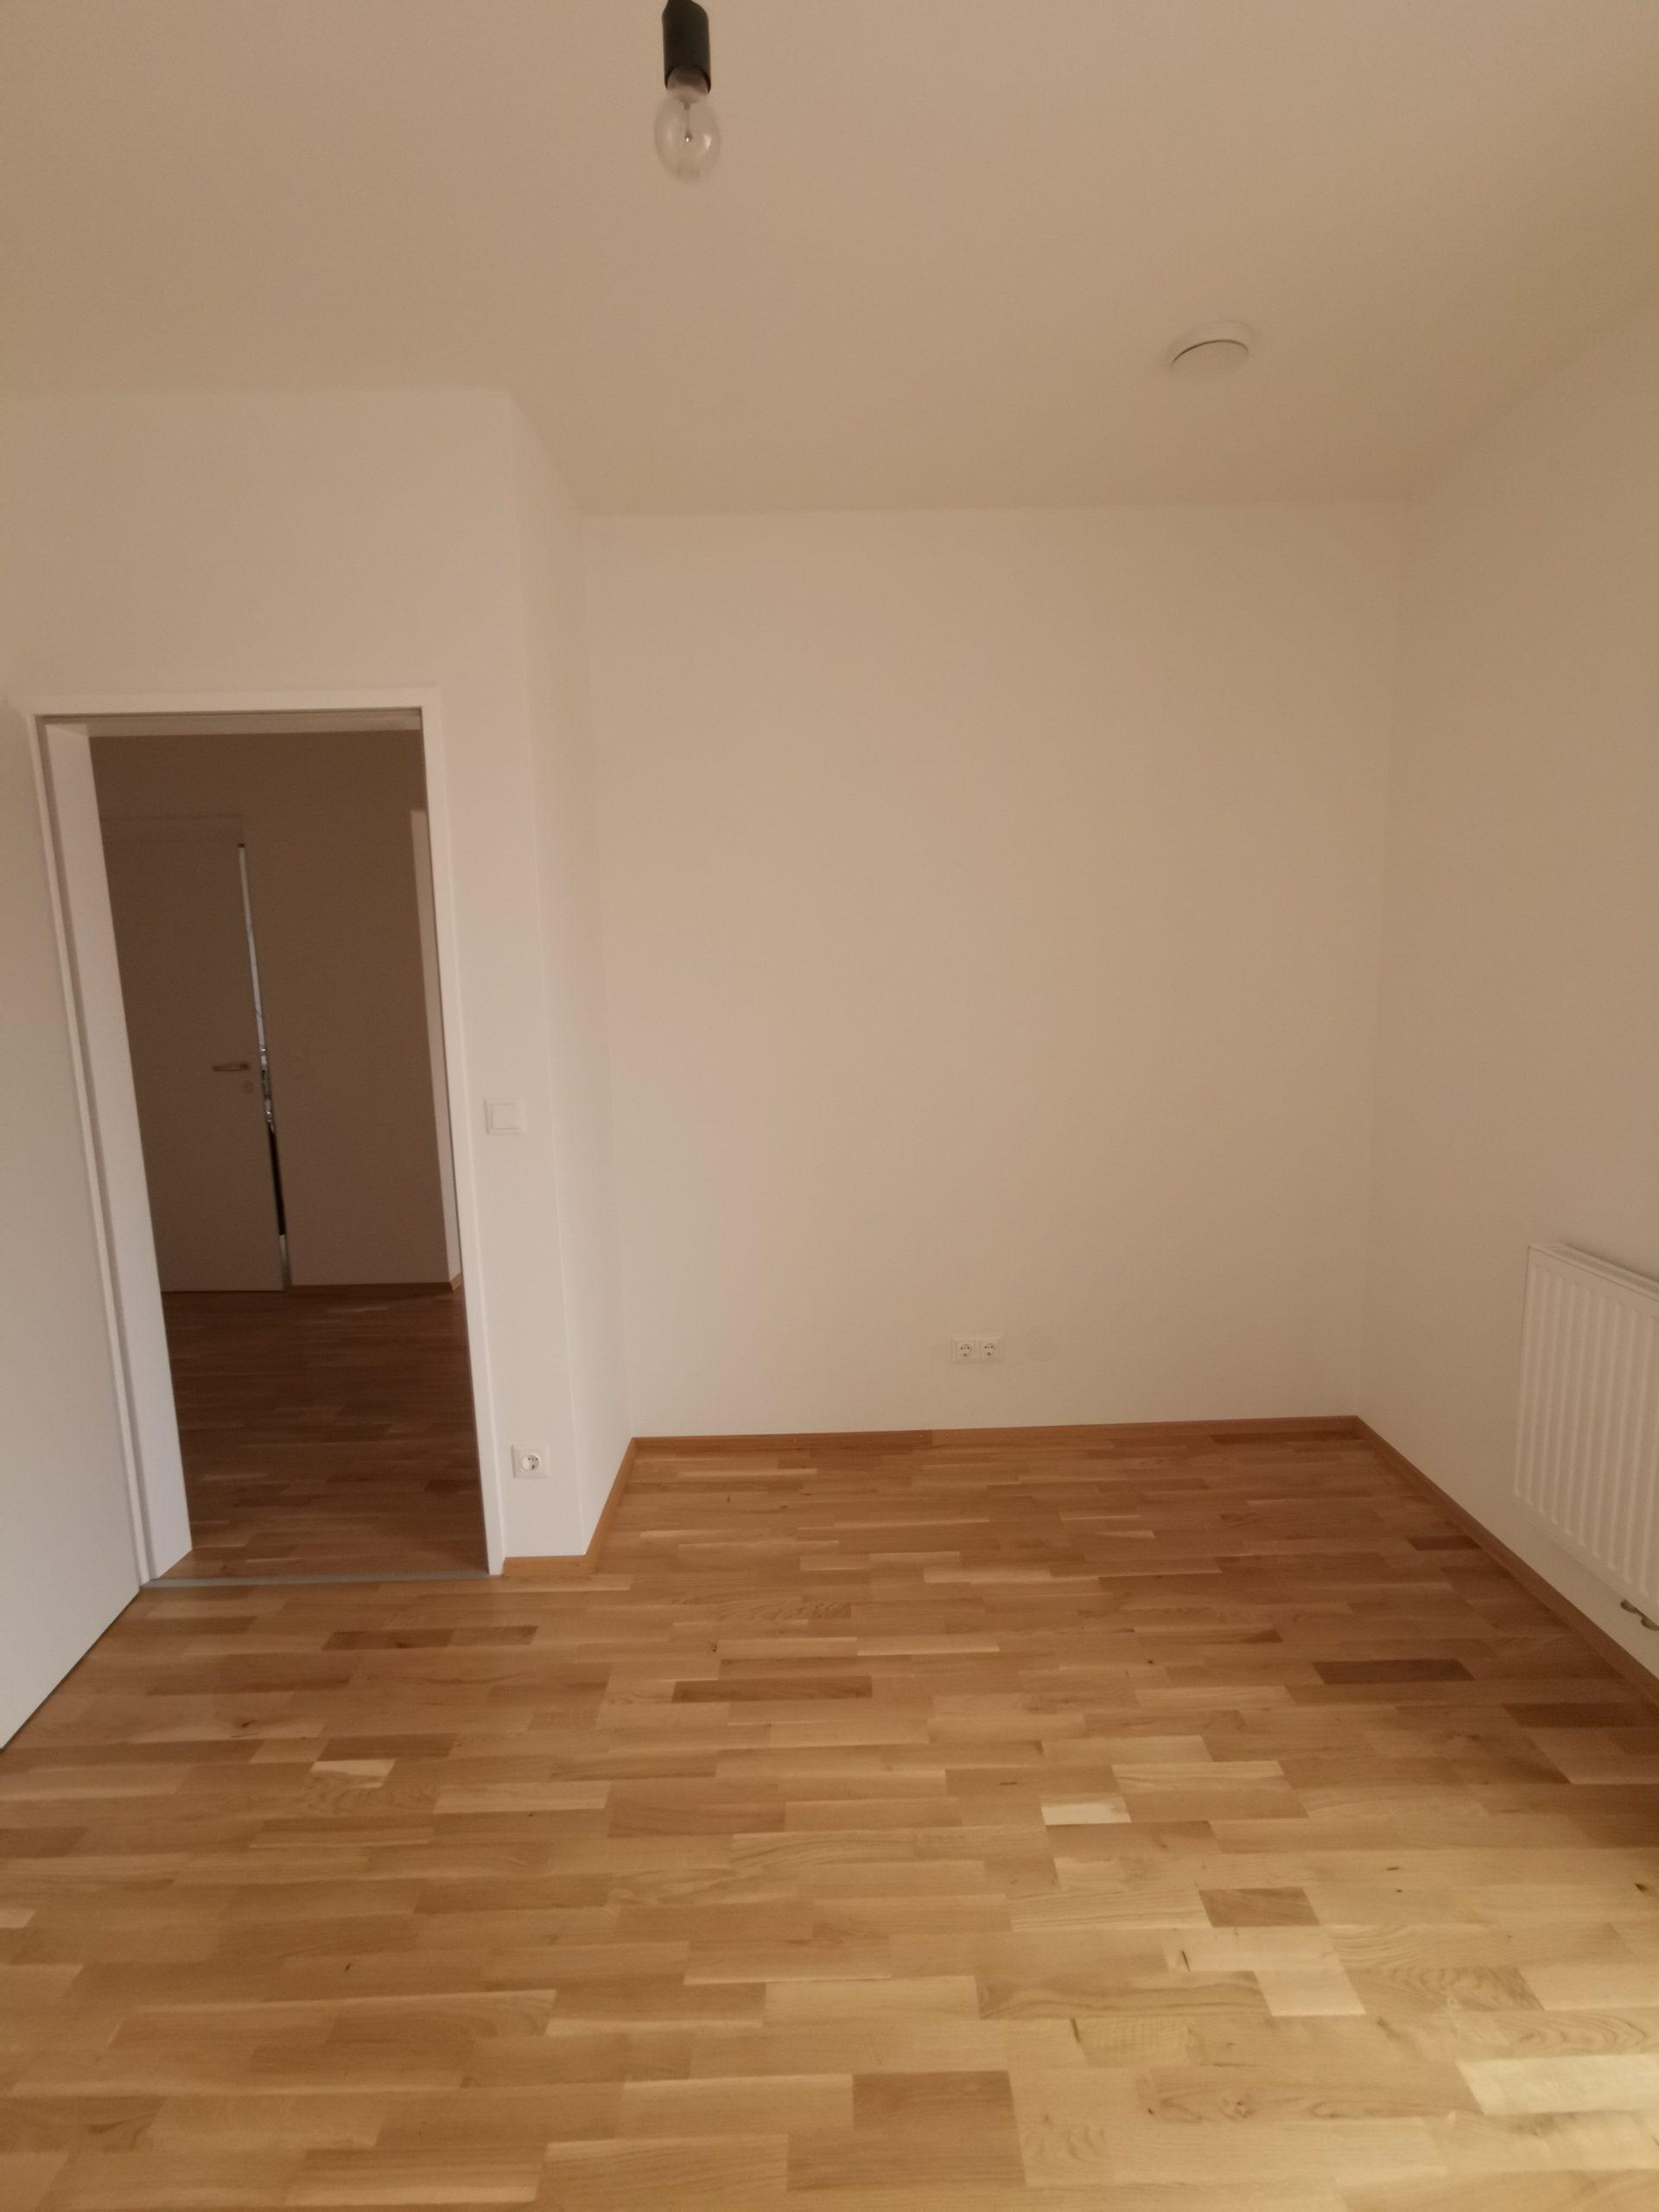 Immobilie von Kamptal in 3571 Gars am Kamp, Horn, Gars V - Top 208 #12